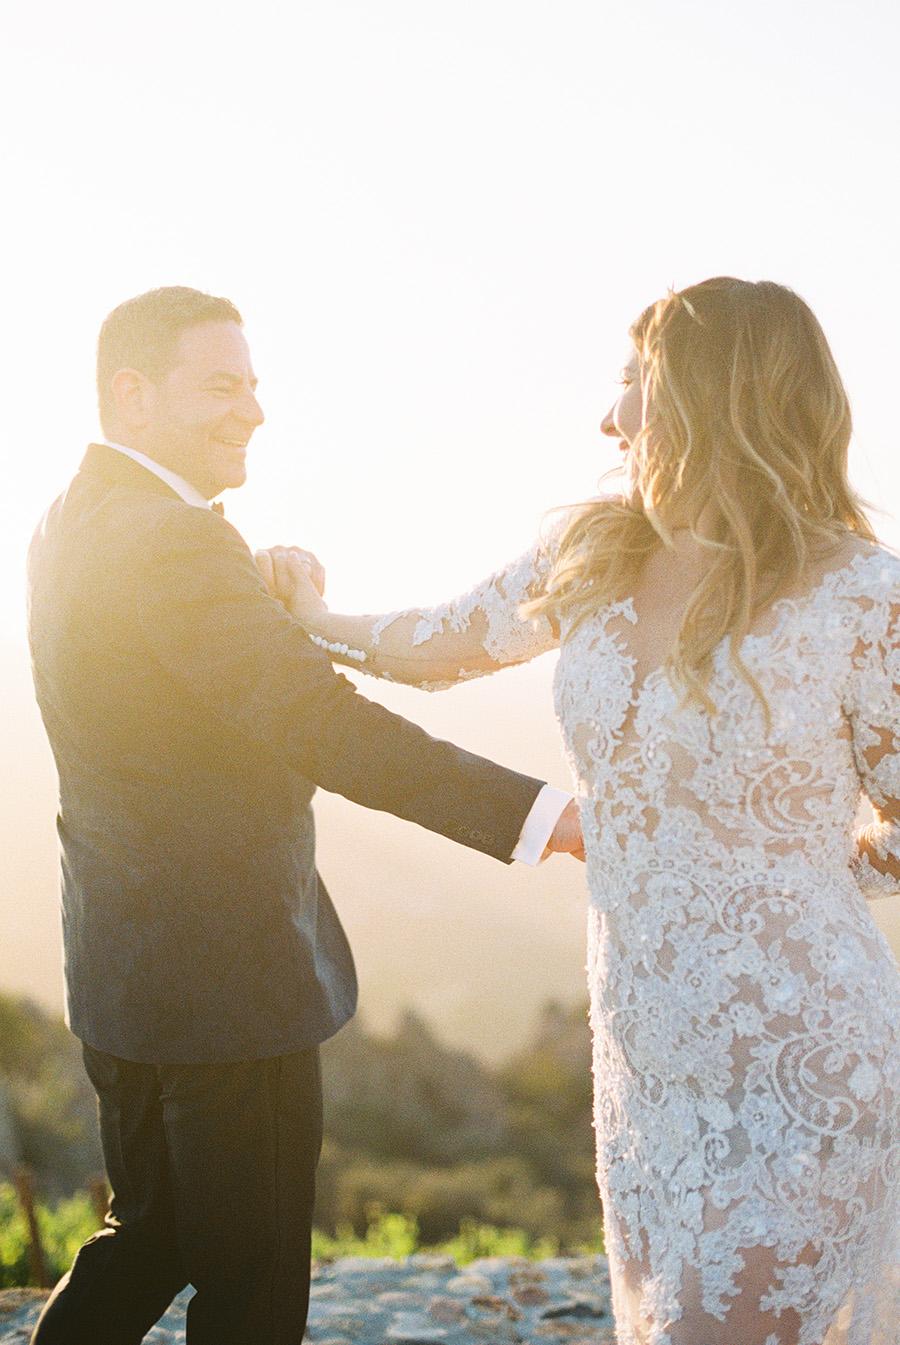 SALLY PINERA_MALIBU ROCKY OAKS WEDDING PHOTOGRAPHY_MALIBU_MARISSA AND PAUL-299.jpg